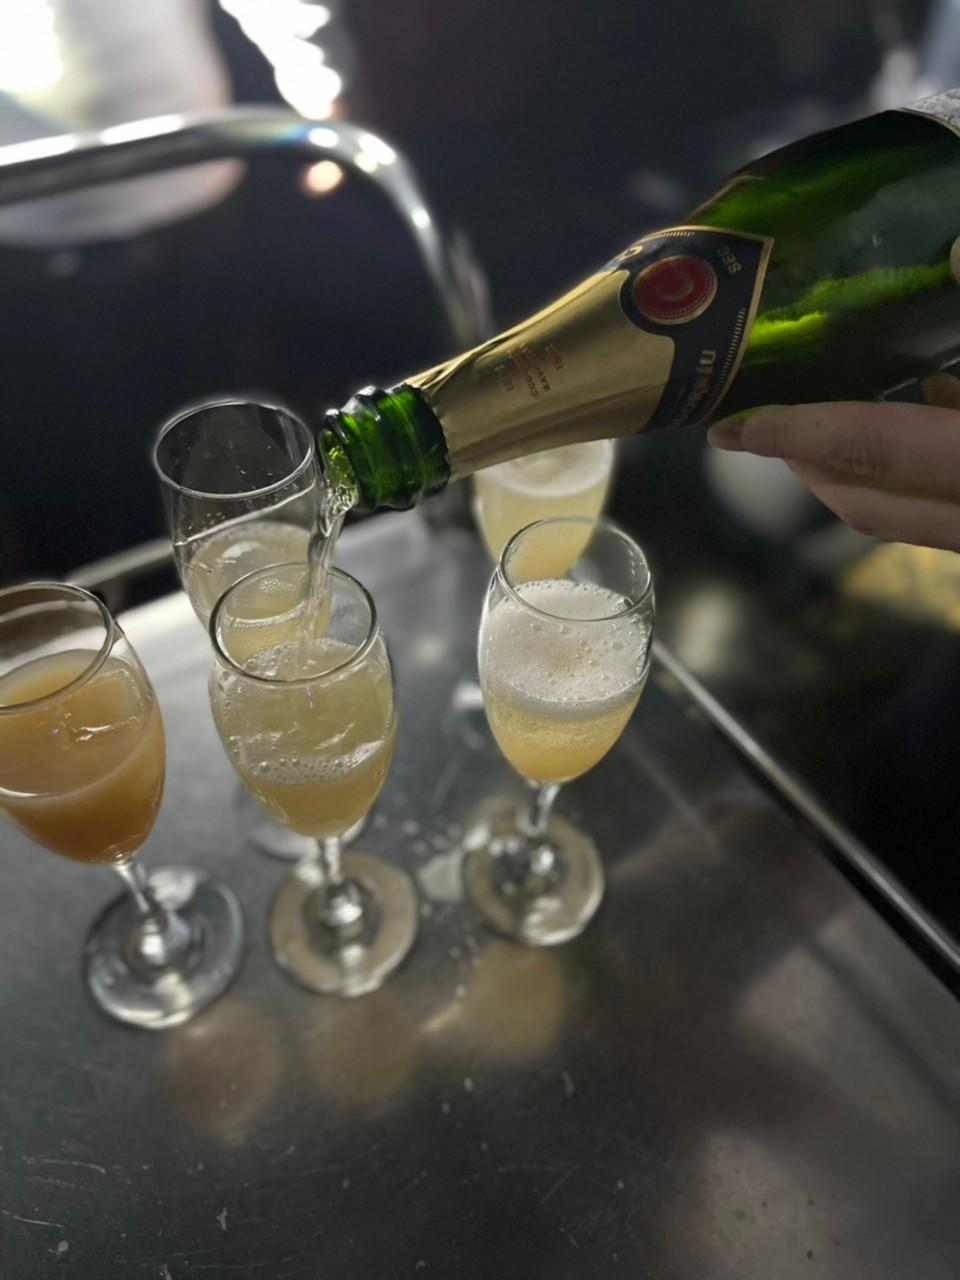 シャンパンをグラスに注ぐ